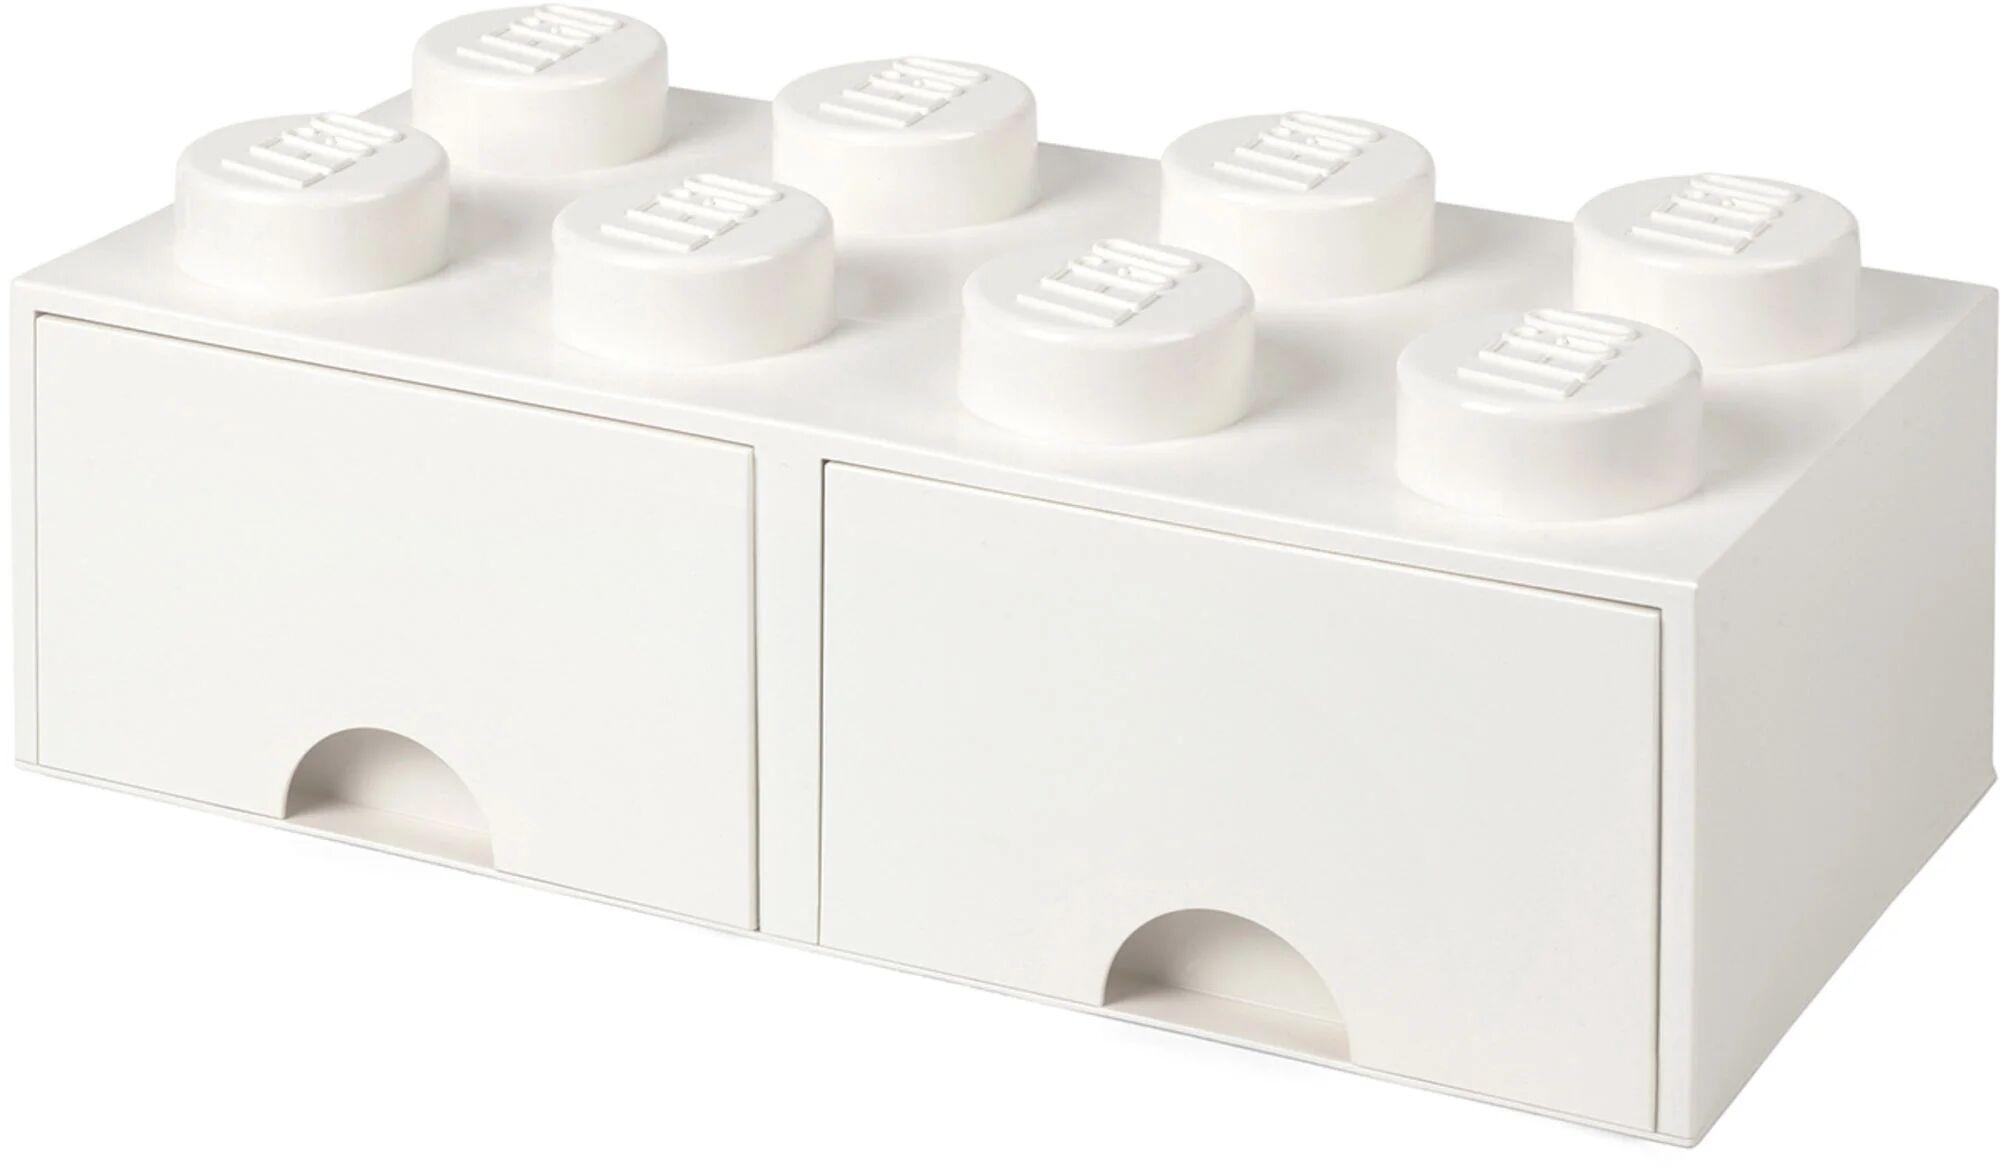 Lego Oppbevaringsboks med Skuff 8, Hvit